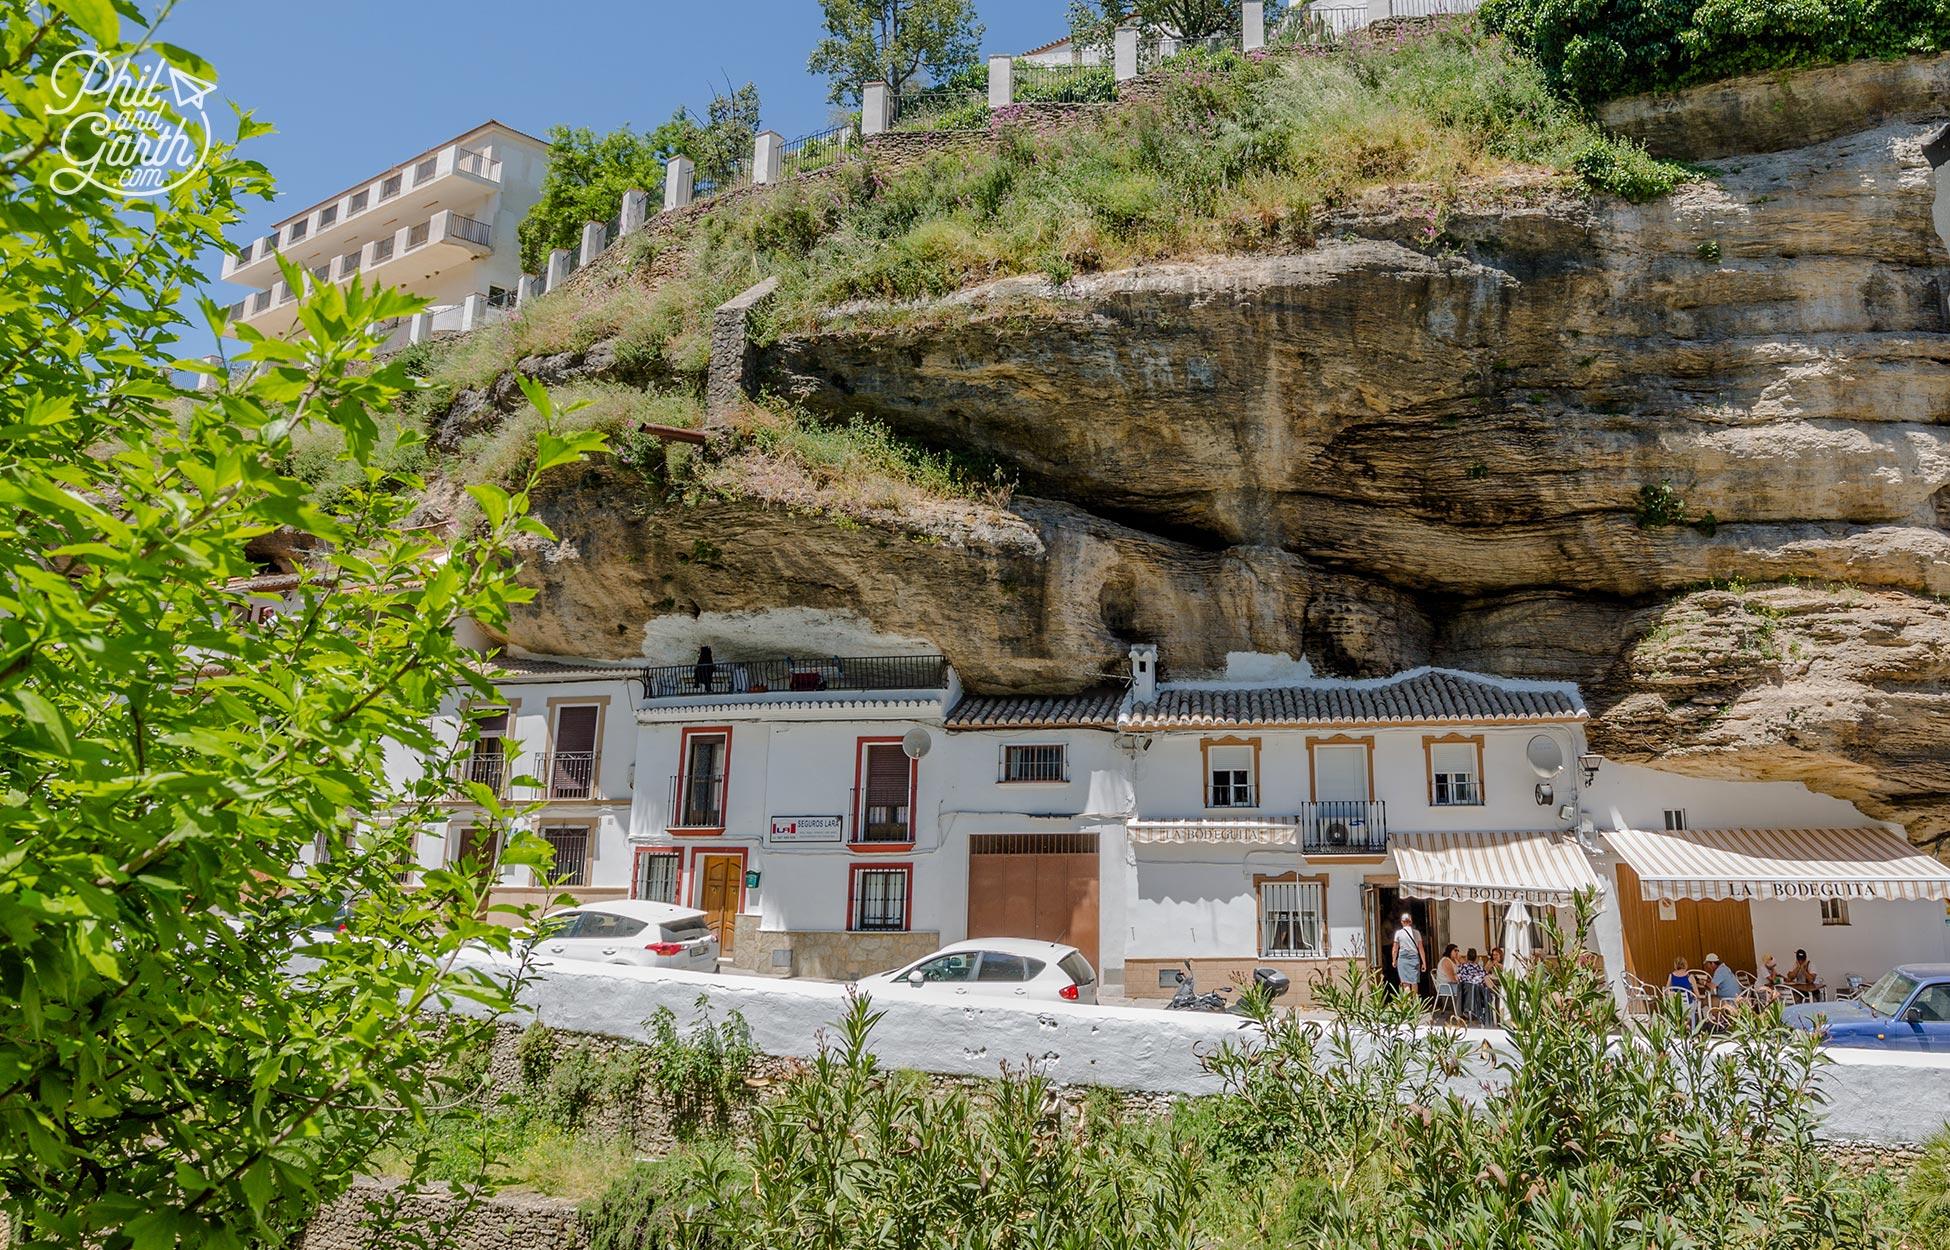 'Sun Street' Cuevas del Sol in Setenil de Las Bodegas